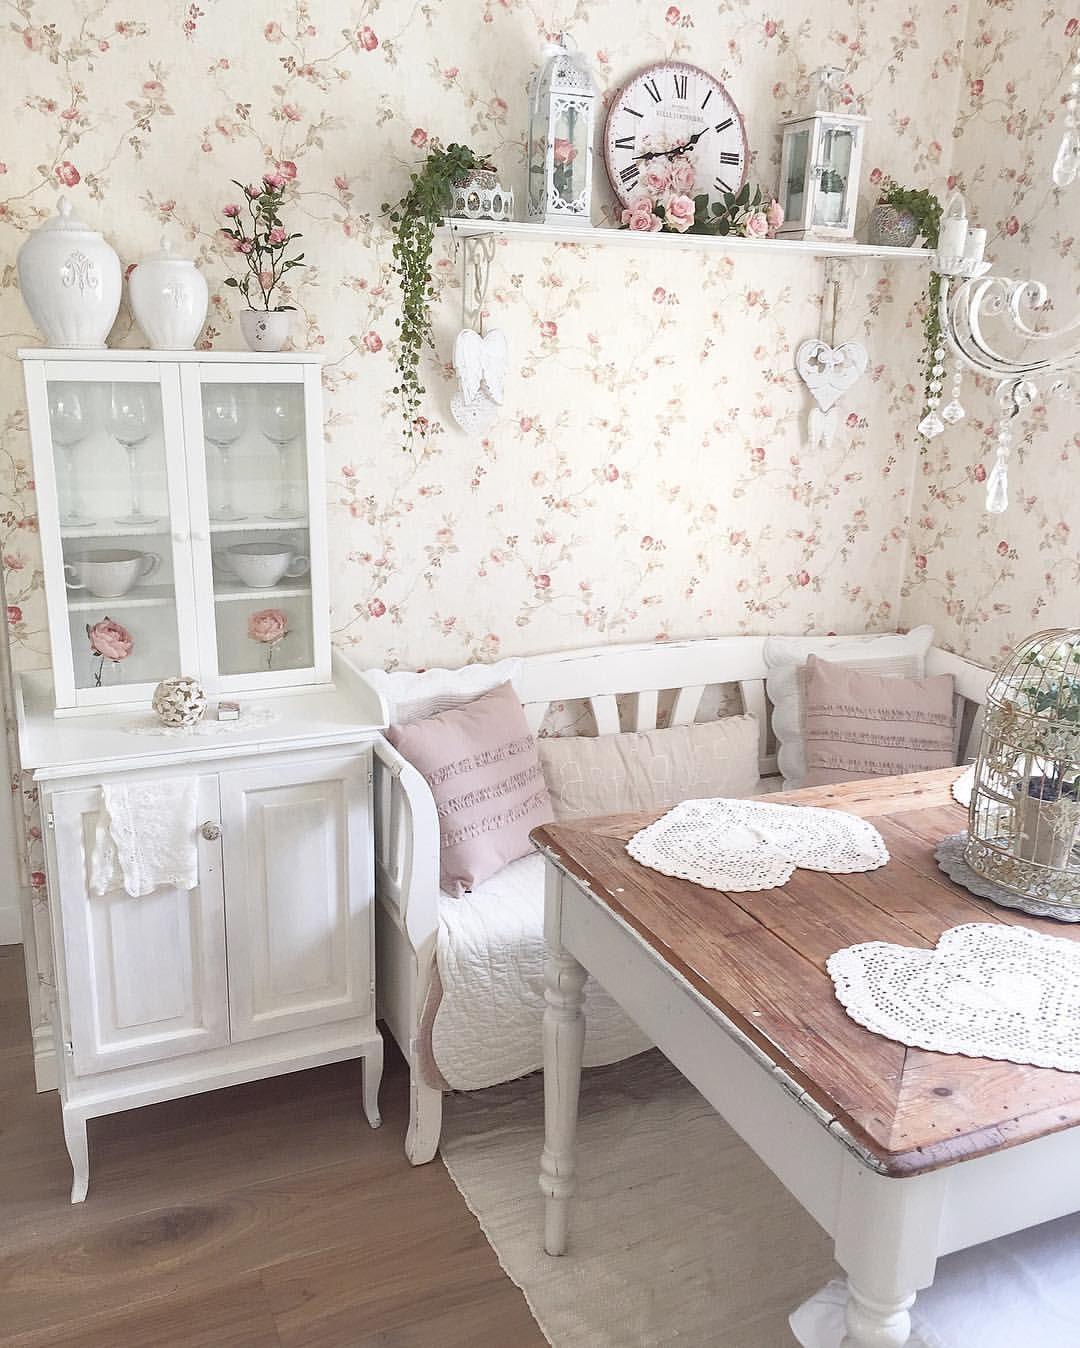 """Photo of Annas Home Sweet Home on Instagram: """"✨Kökshörna✨  I kökssoffan har 2 nya linnefärgade kuddar tagit plats, fyndade för 30:-/st på rean på Jysk😀 Jag har piffat om lite i mitt…"""""""